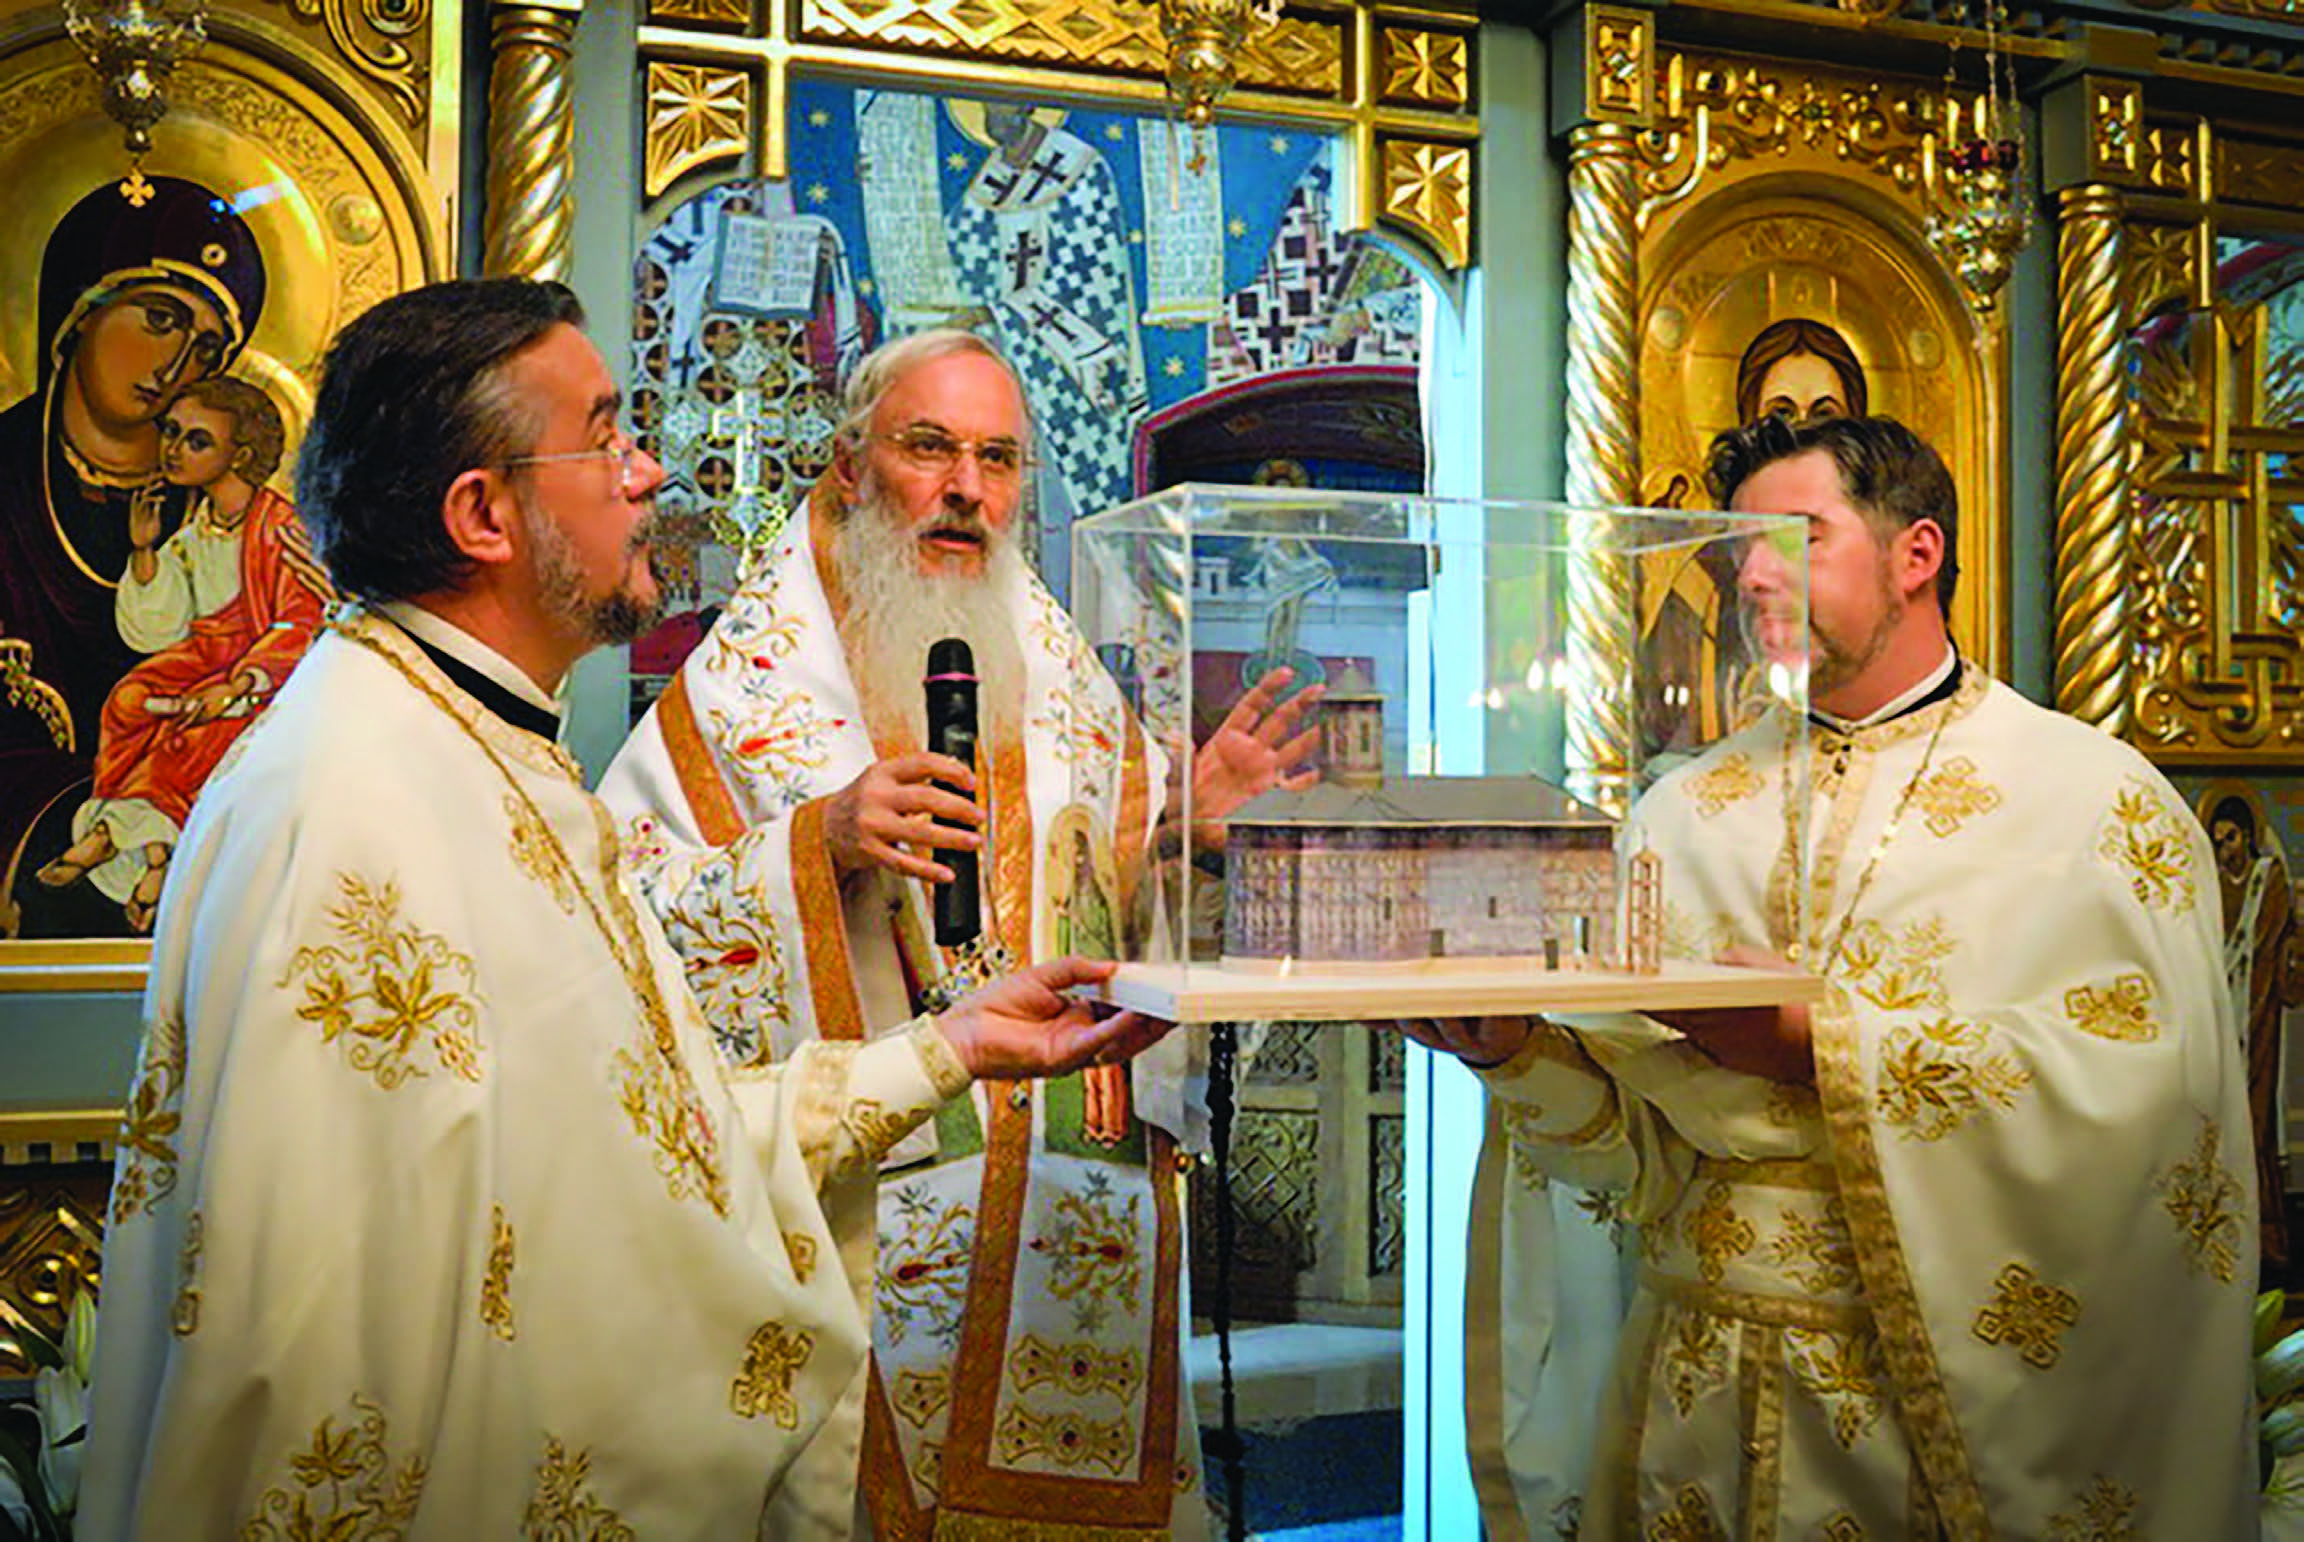 O nouă biserică ortodoxă românească în Viena